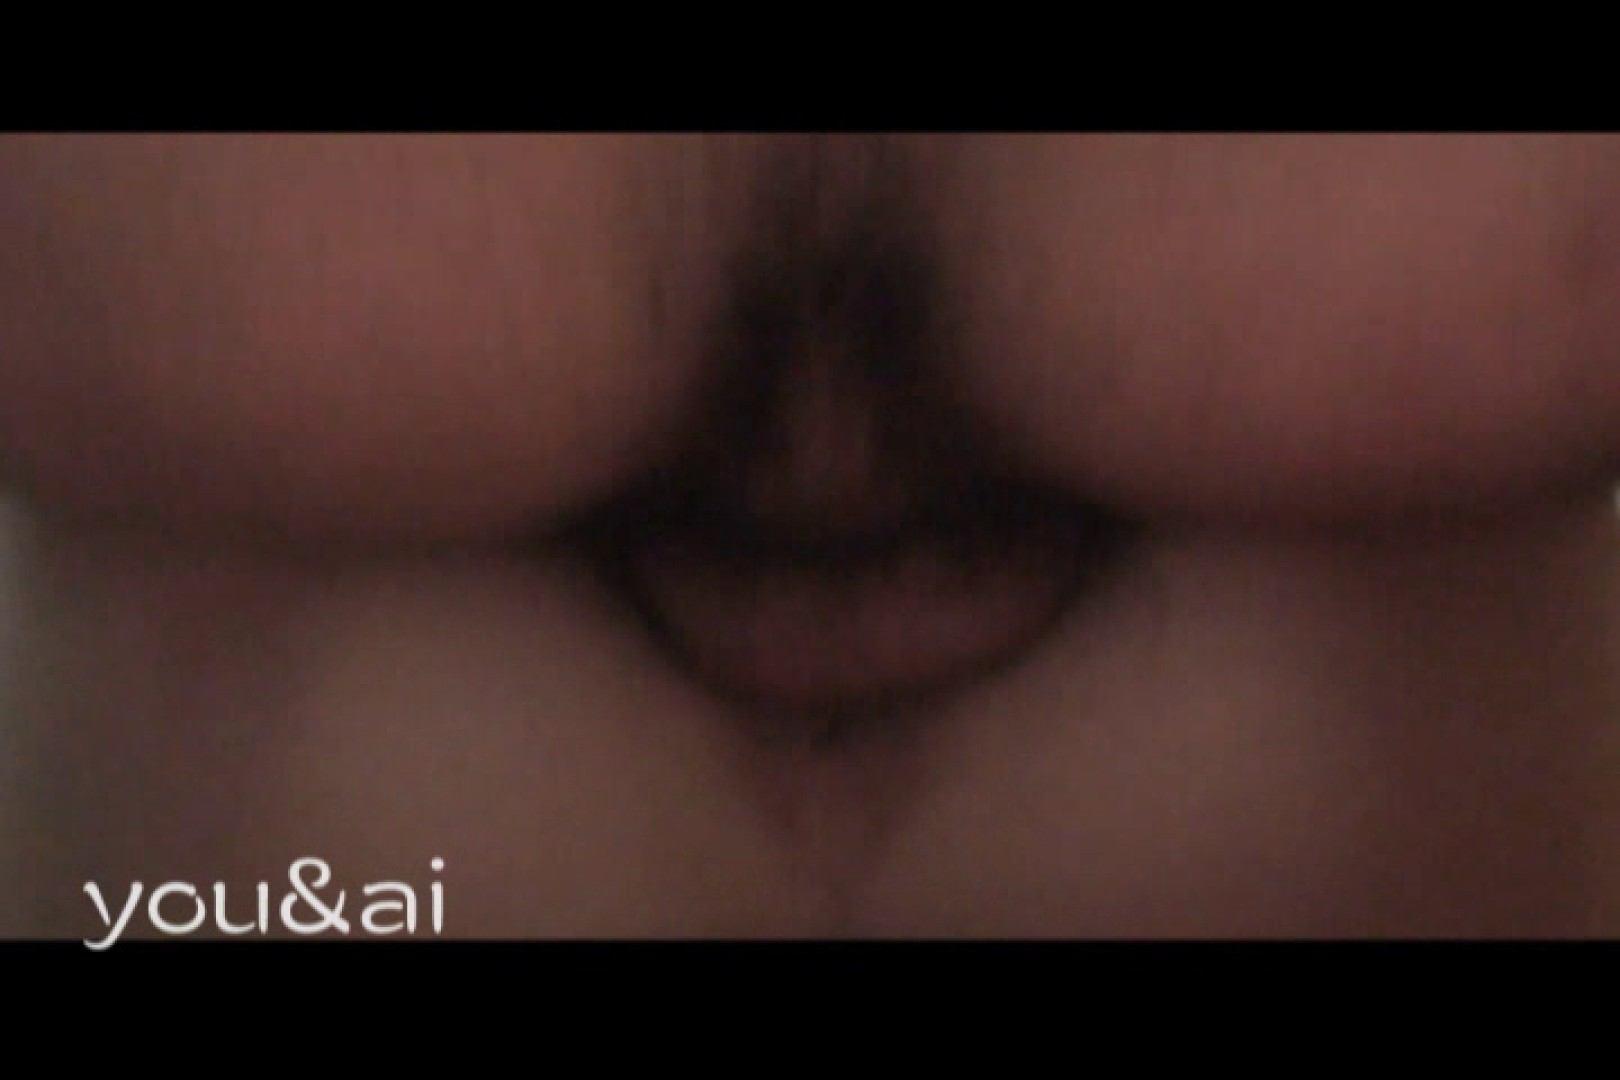 おしどり夫婦のyou&aiさん投稿作品vol.17 緊縛  99pic 12